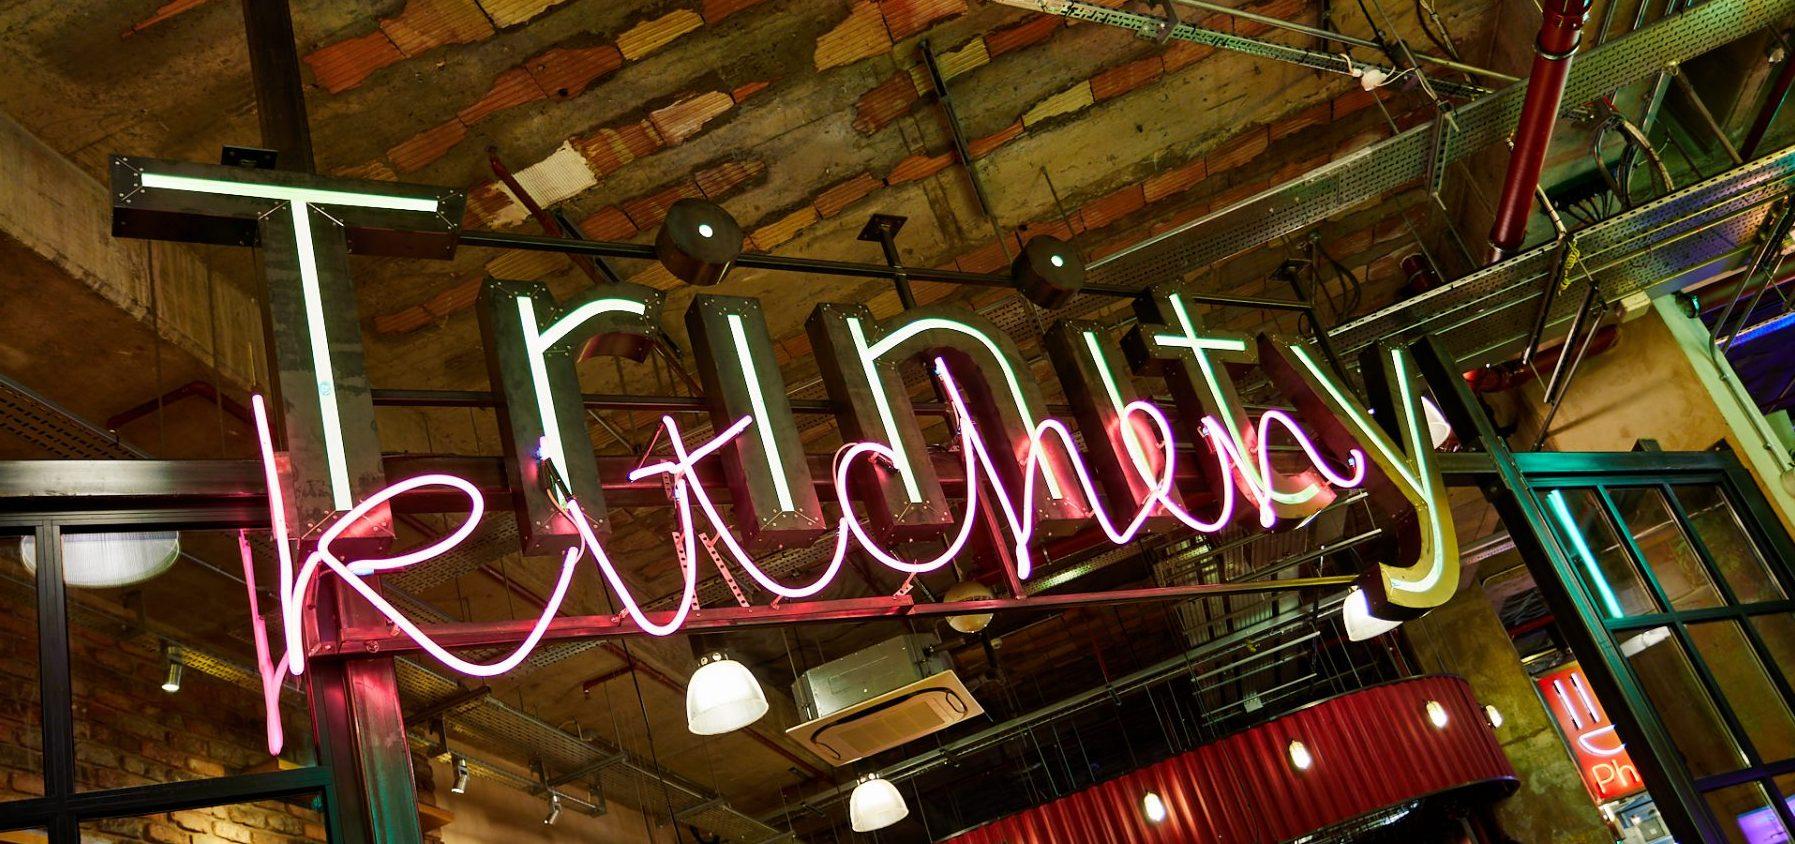 Trinity Leeds restaurants reopen